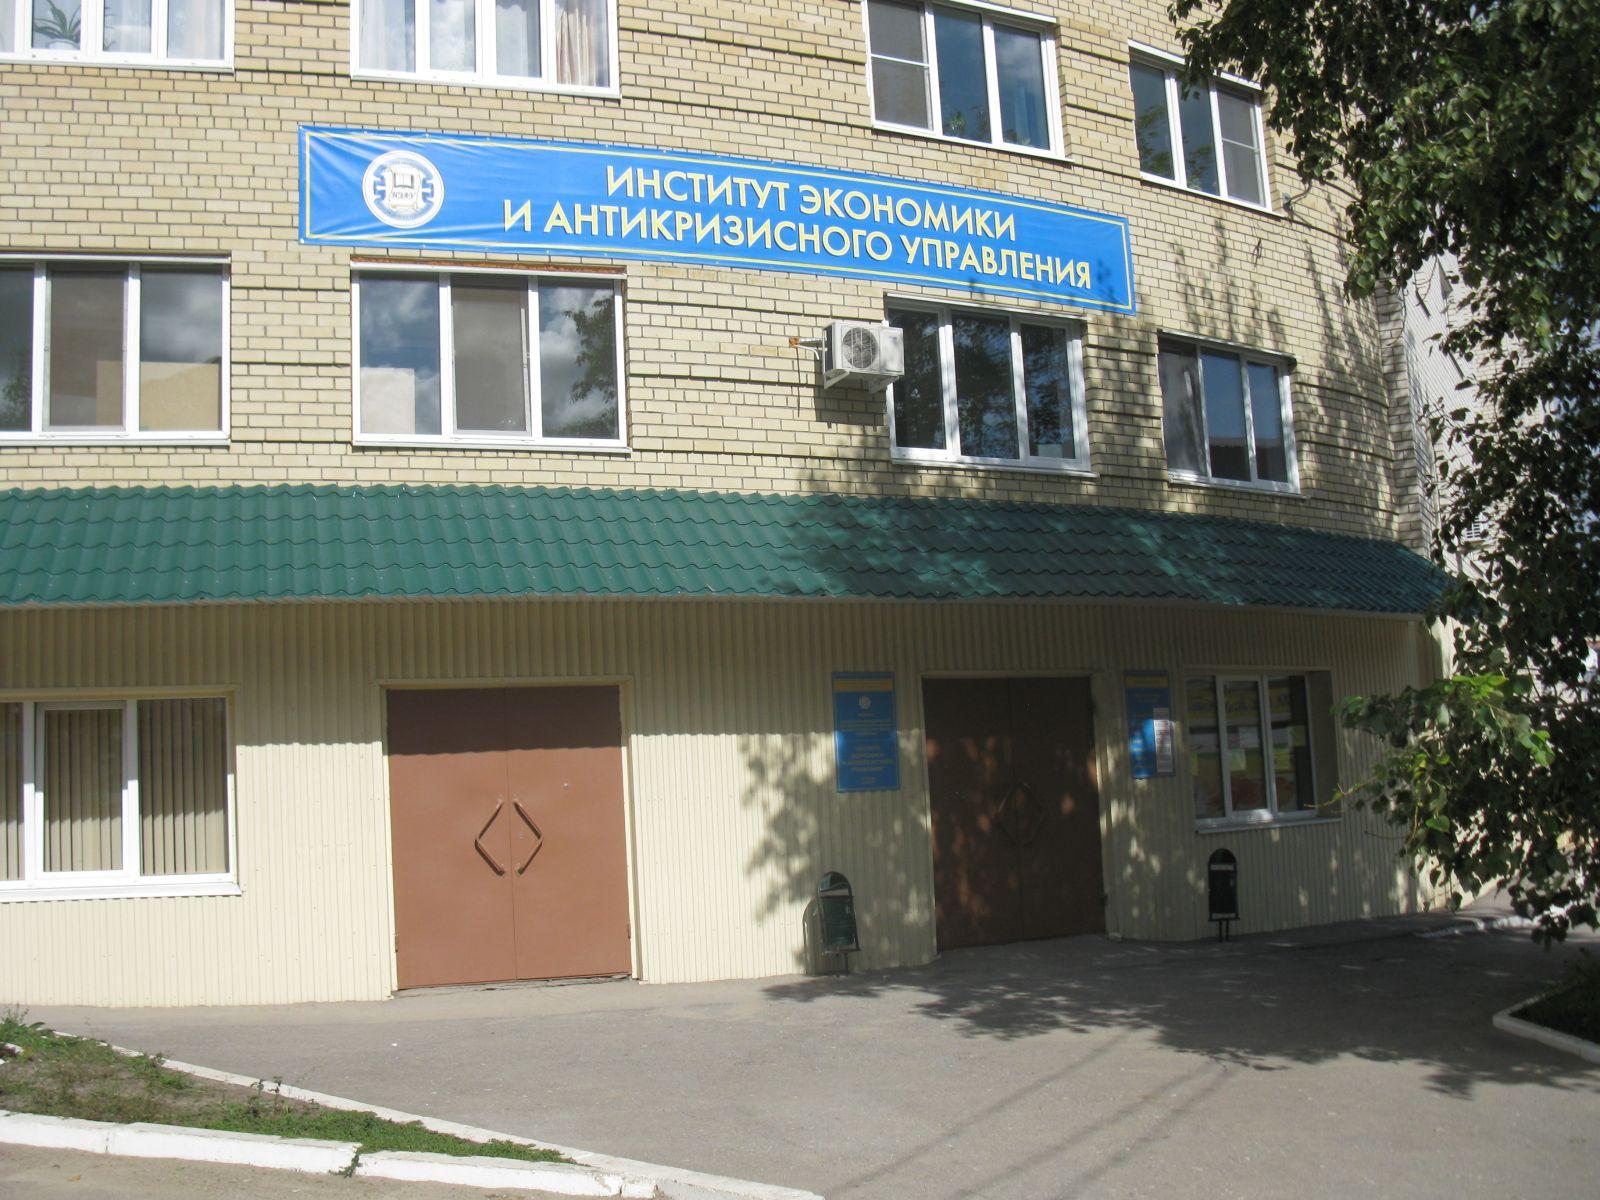 Институт экономики и антикризисного управления — филиал в г. Вольск